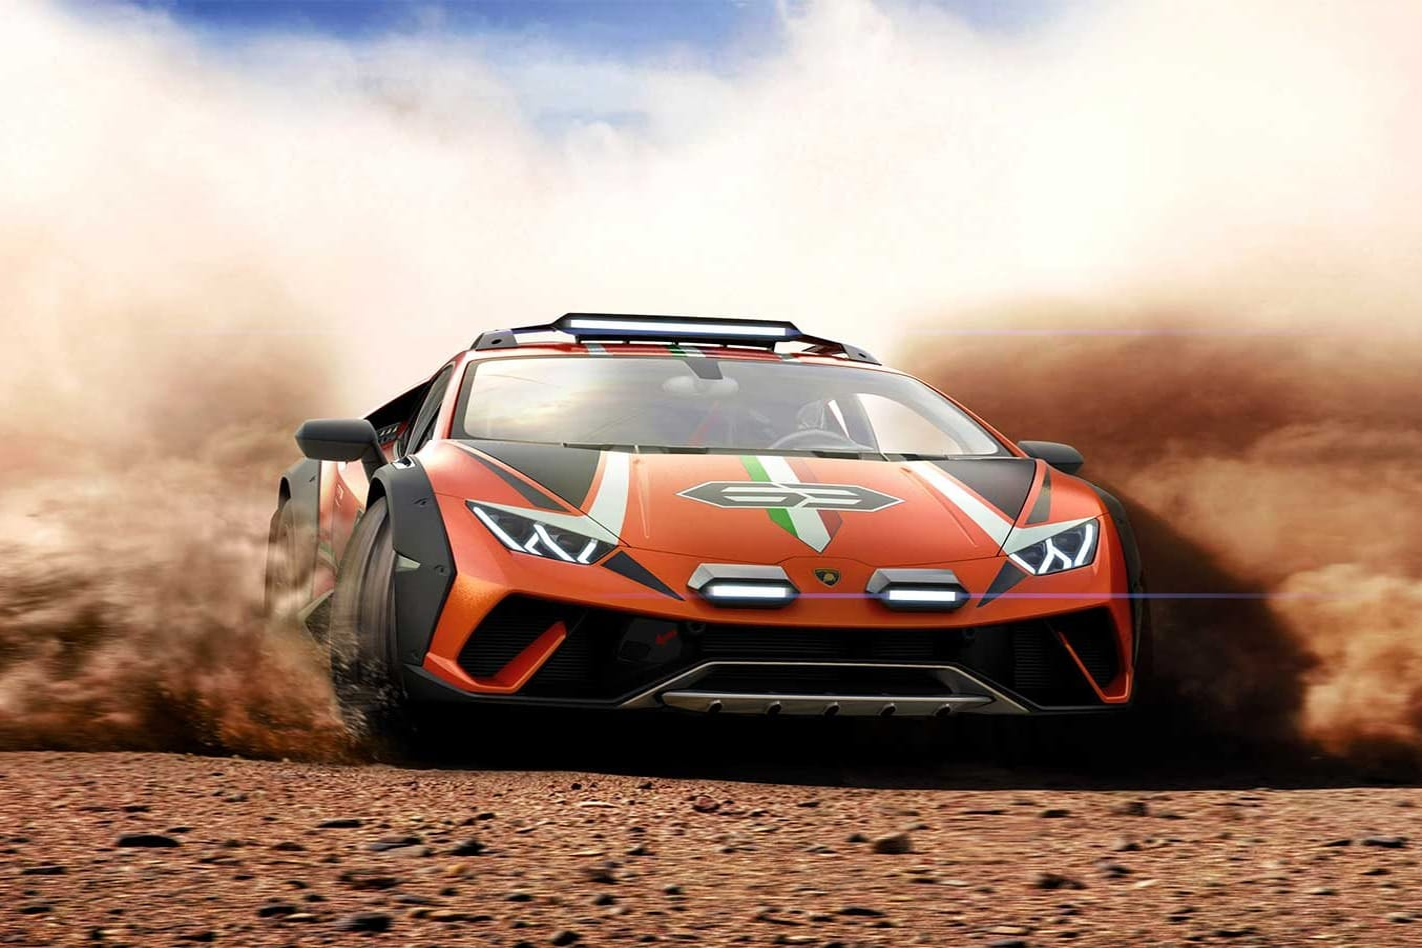 Lamborghini Huracan Sterrato off-road concept revealed